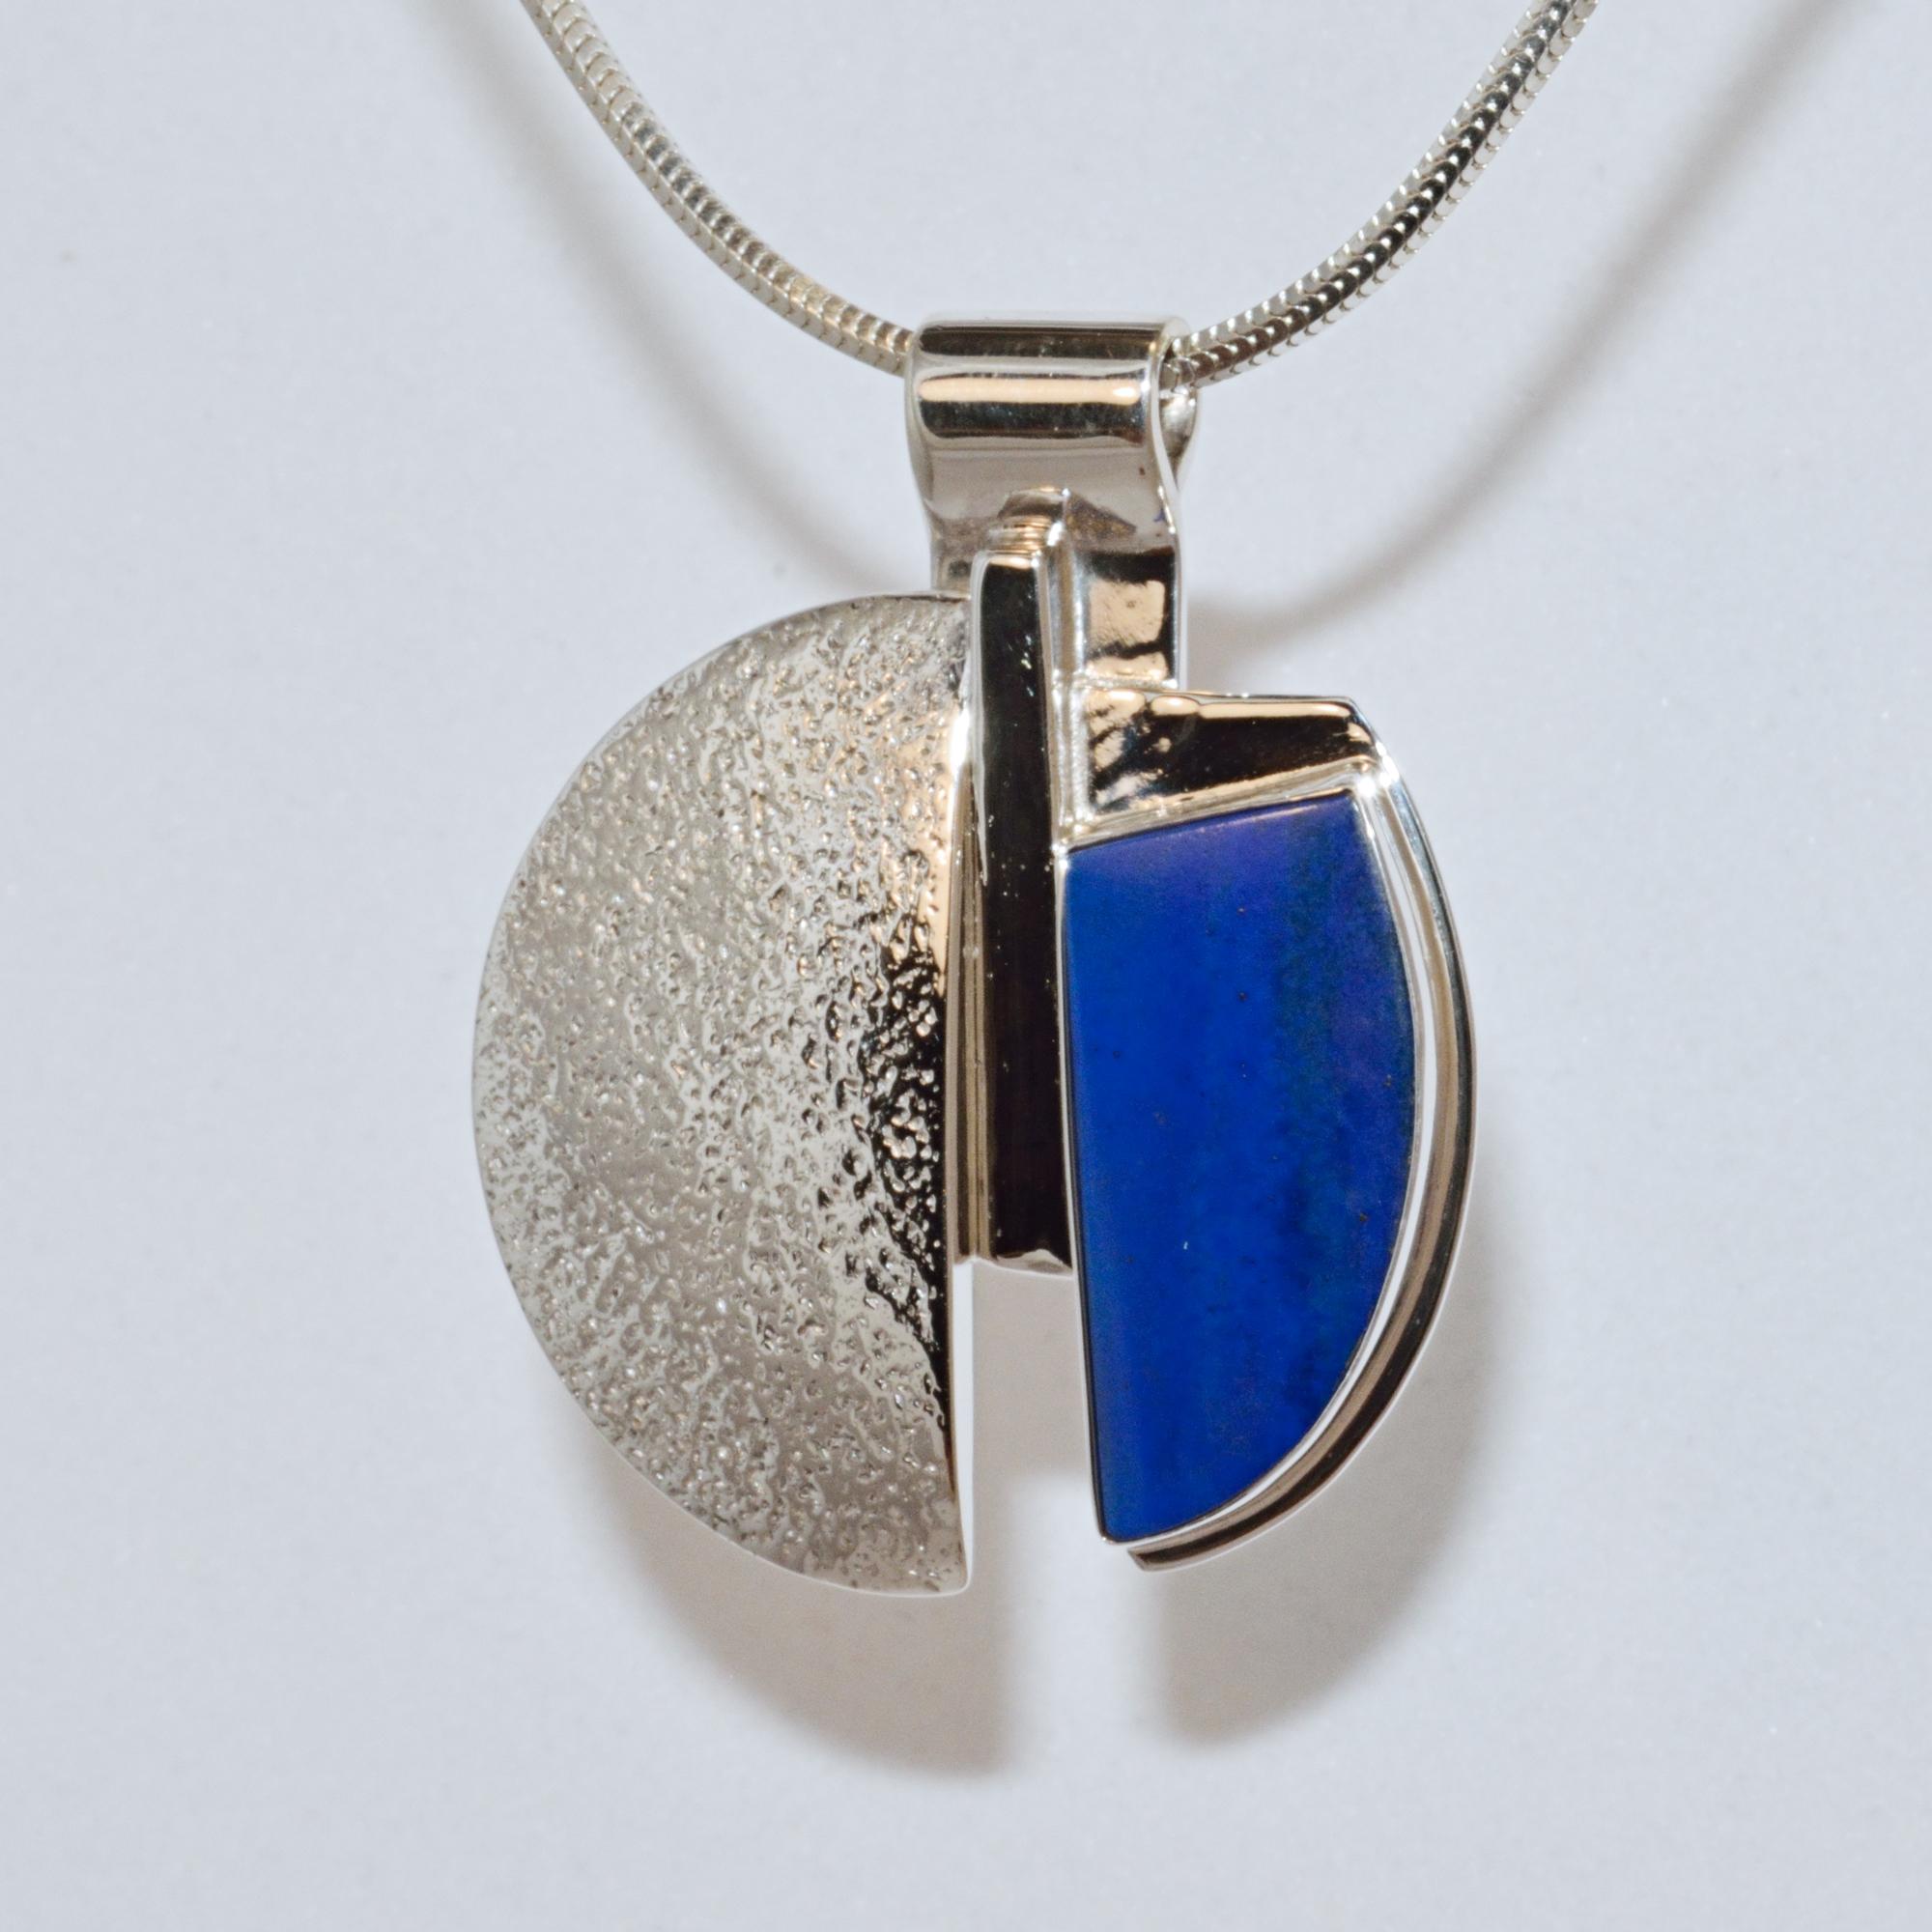 pendant jewelry with lapis lazuli